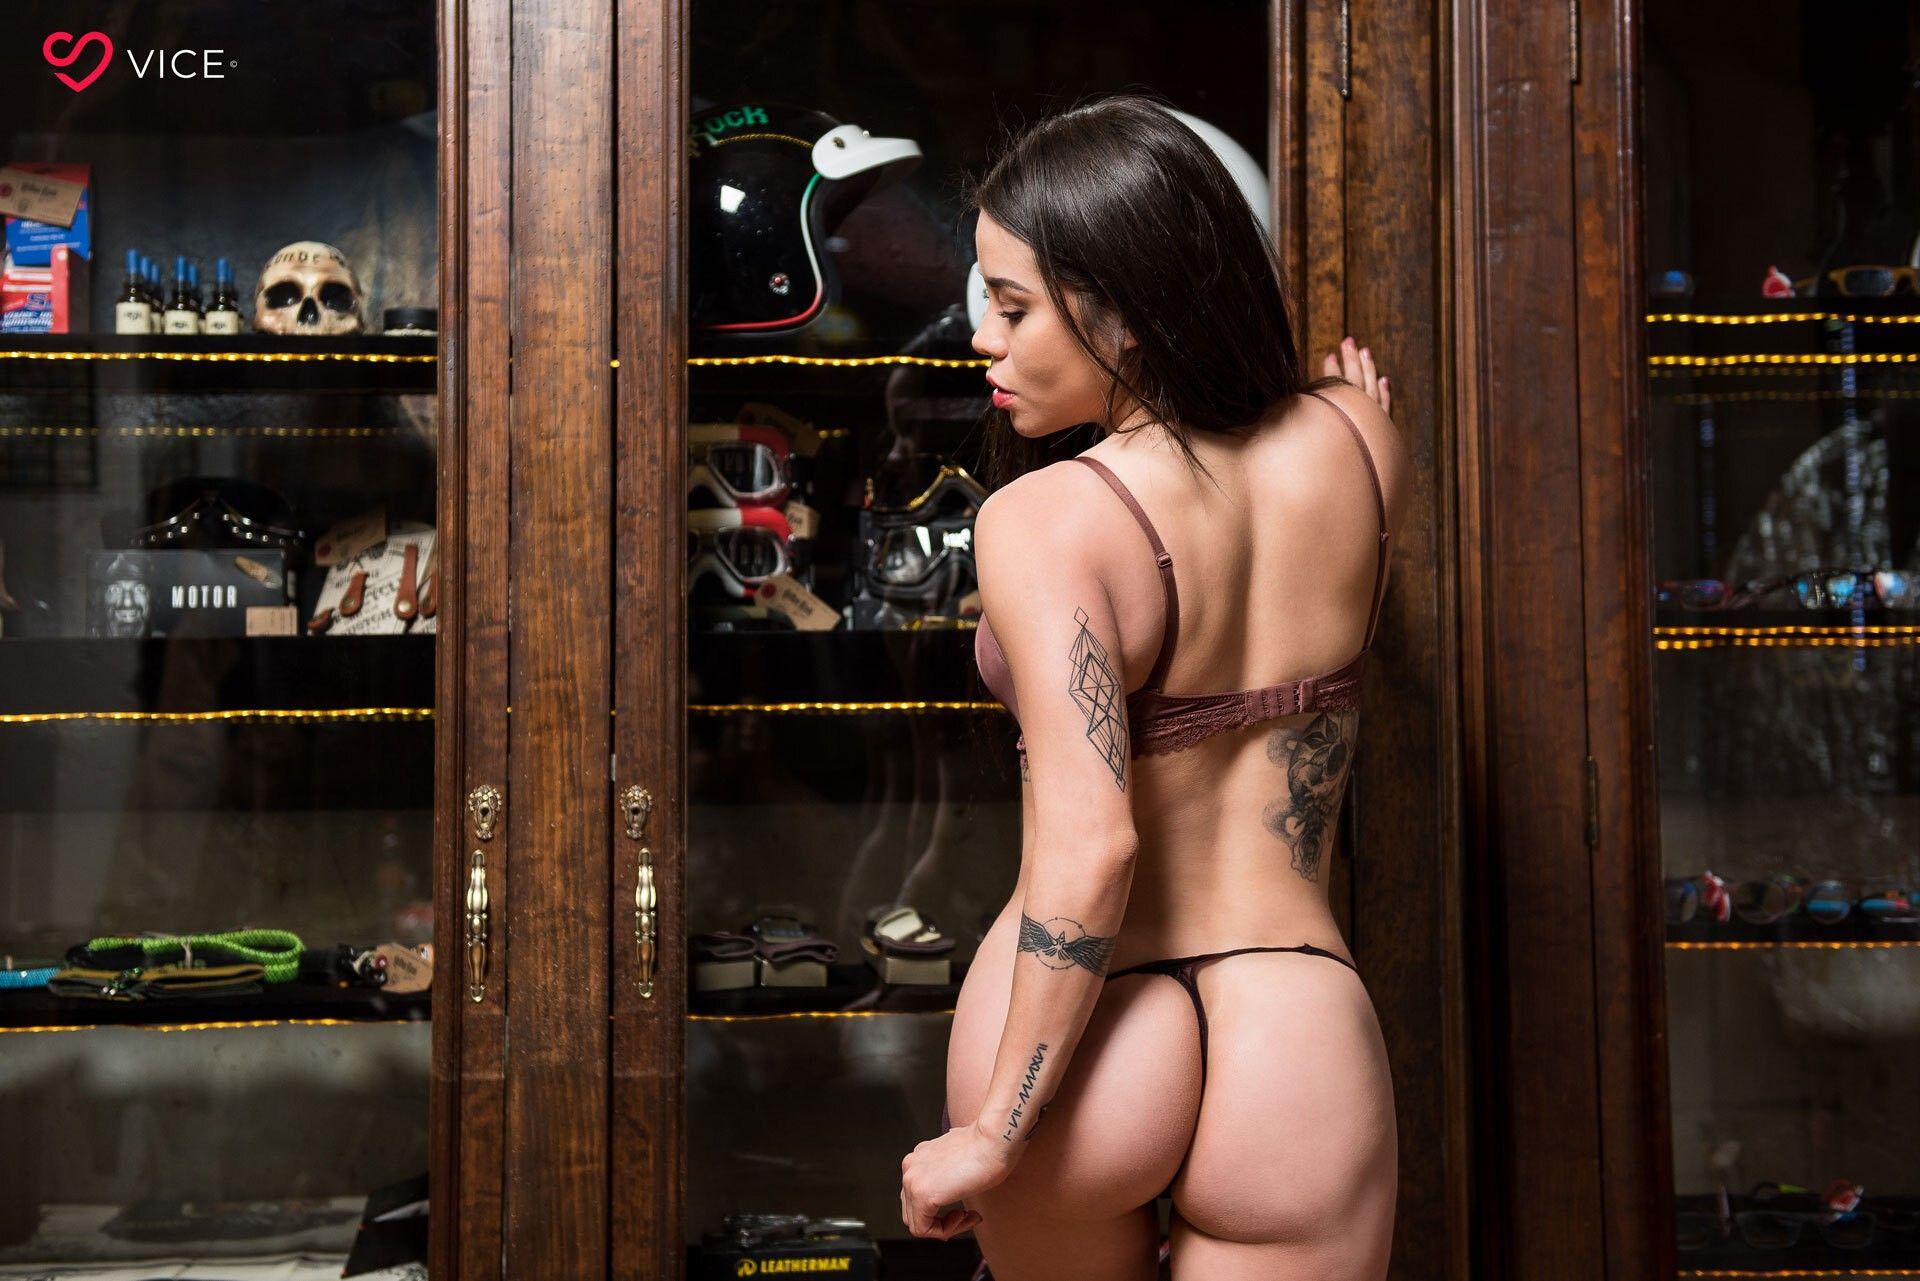 Flaca Andy Carol con pack exquisito de nudes jugosas.! 2